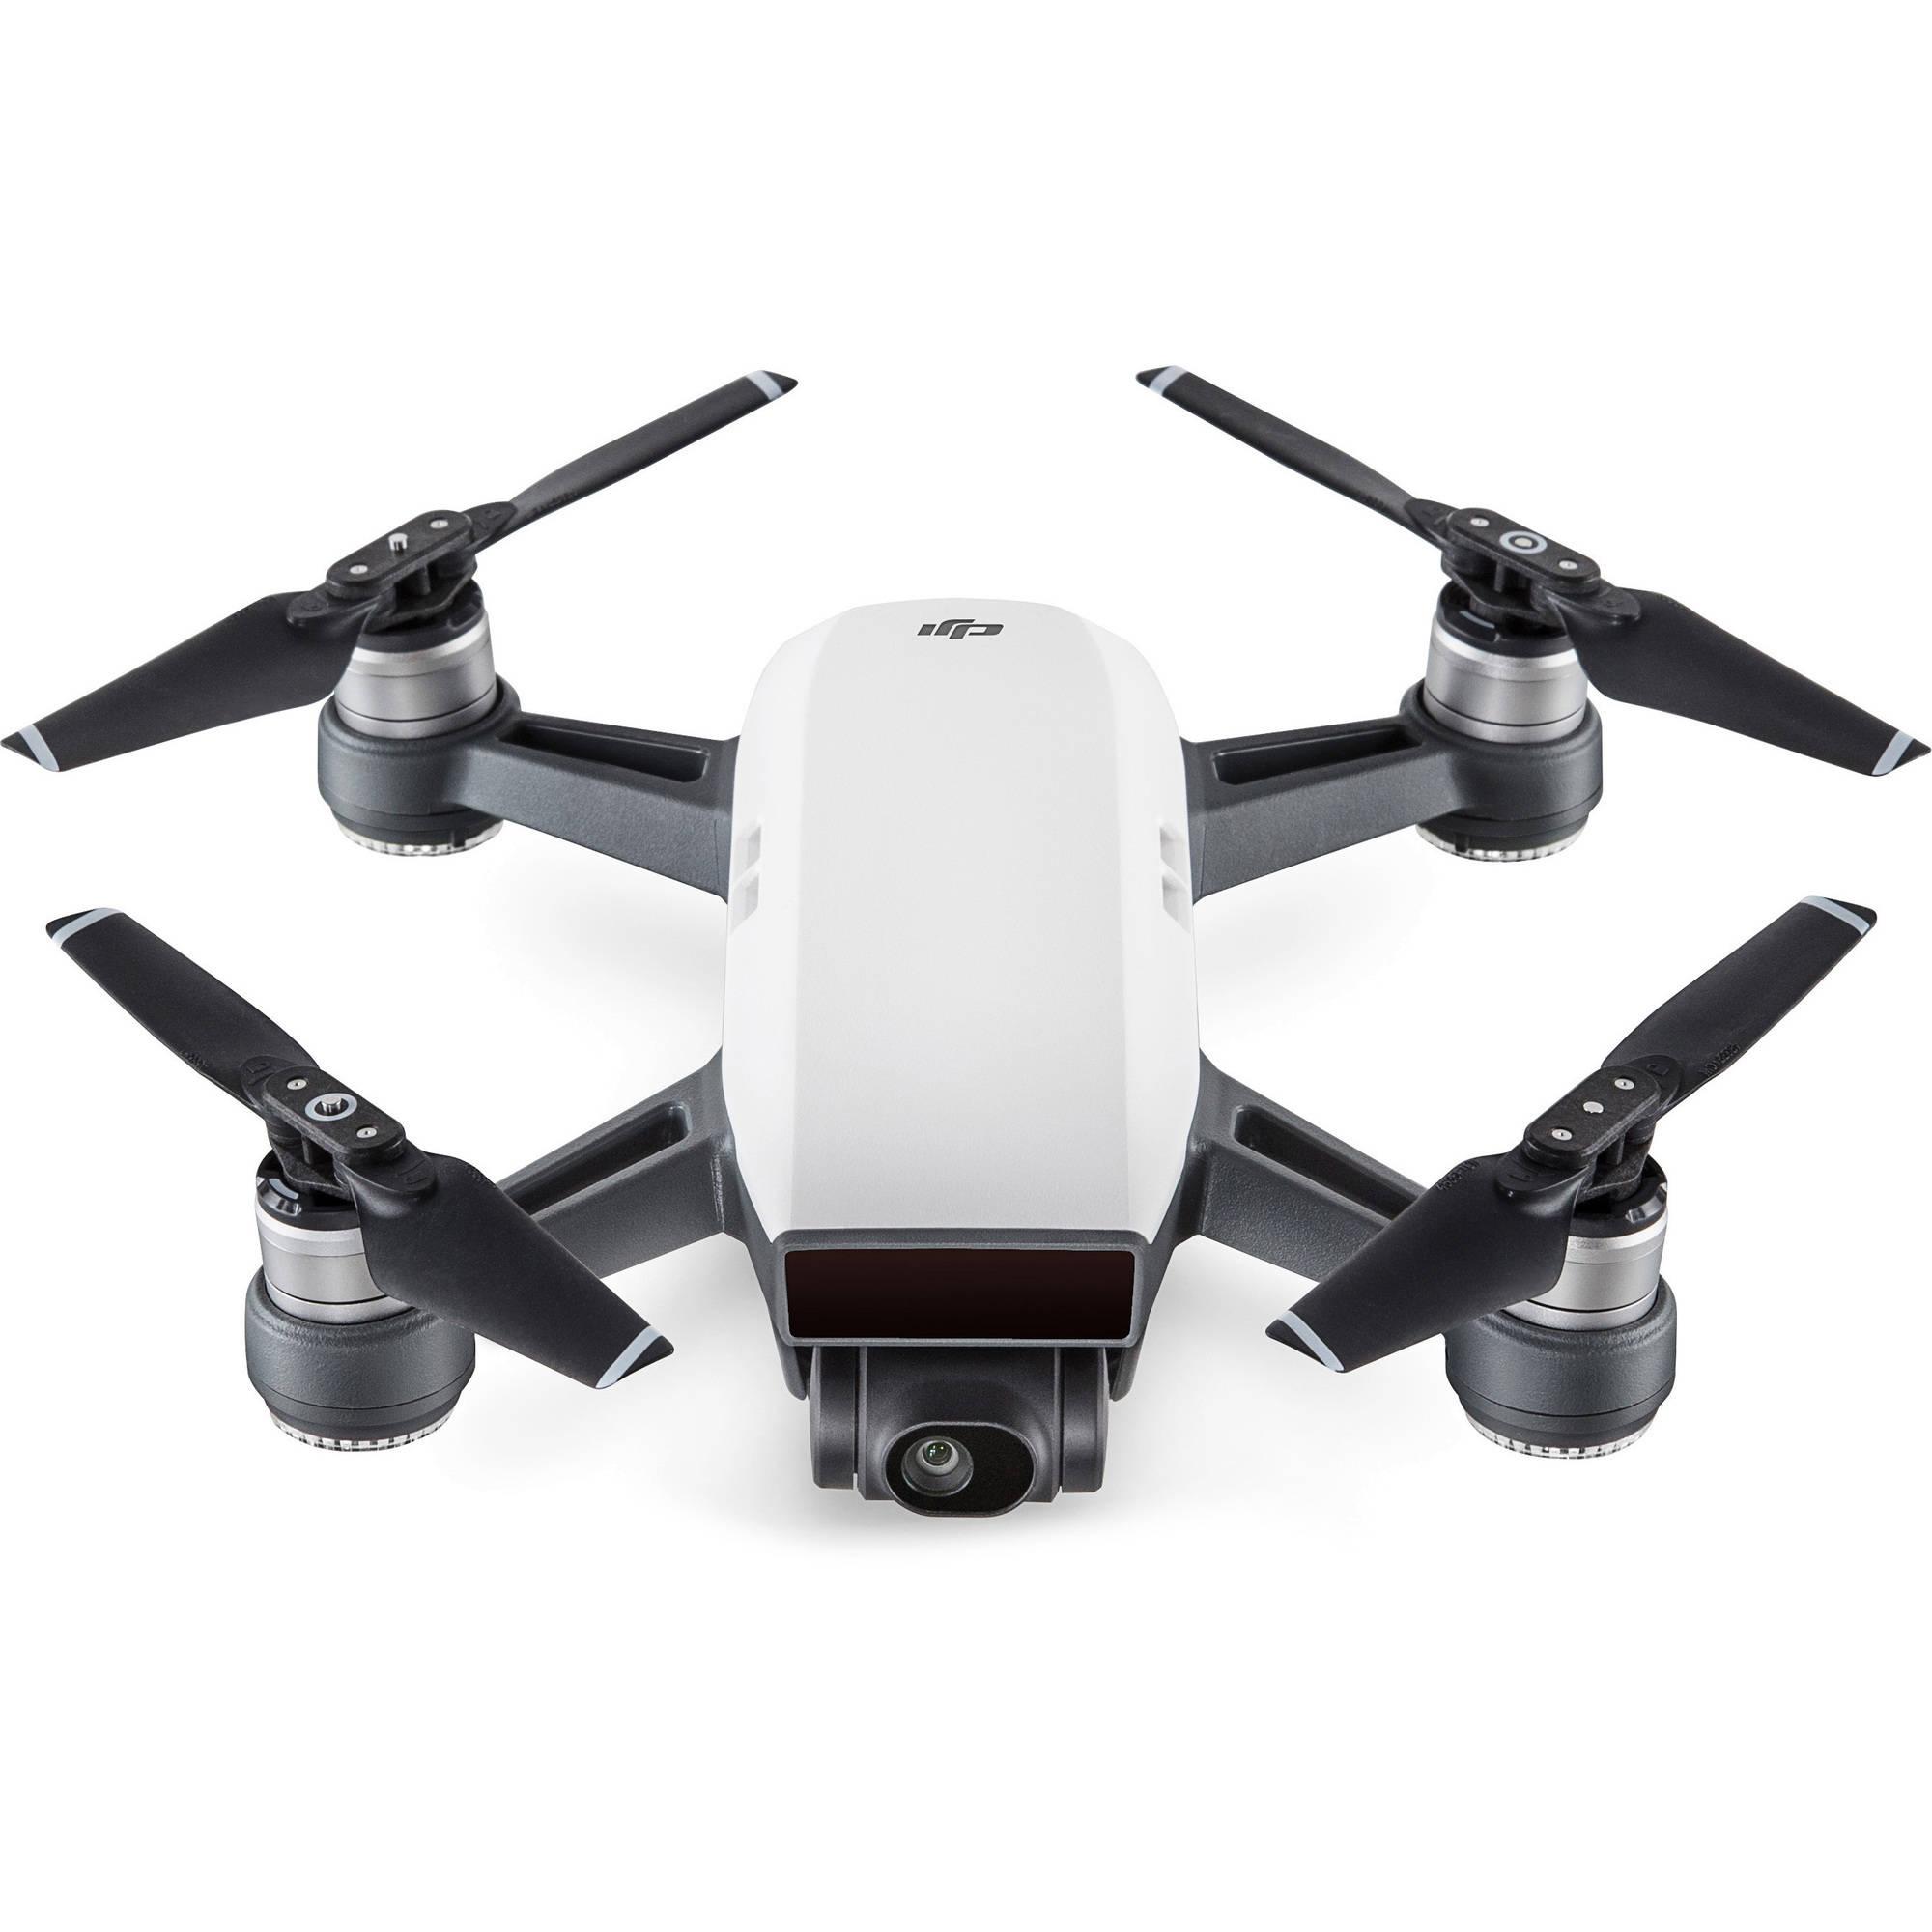 DJI Spark Drone in Alpine White